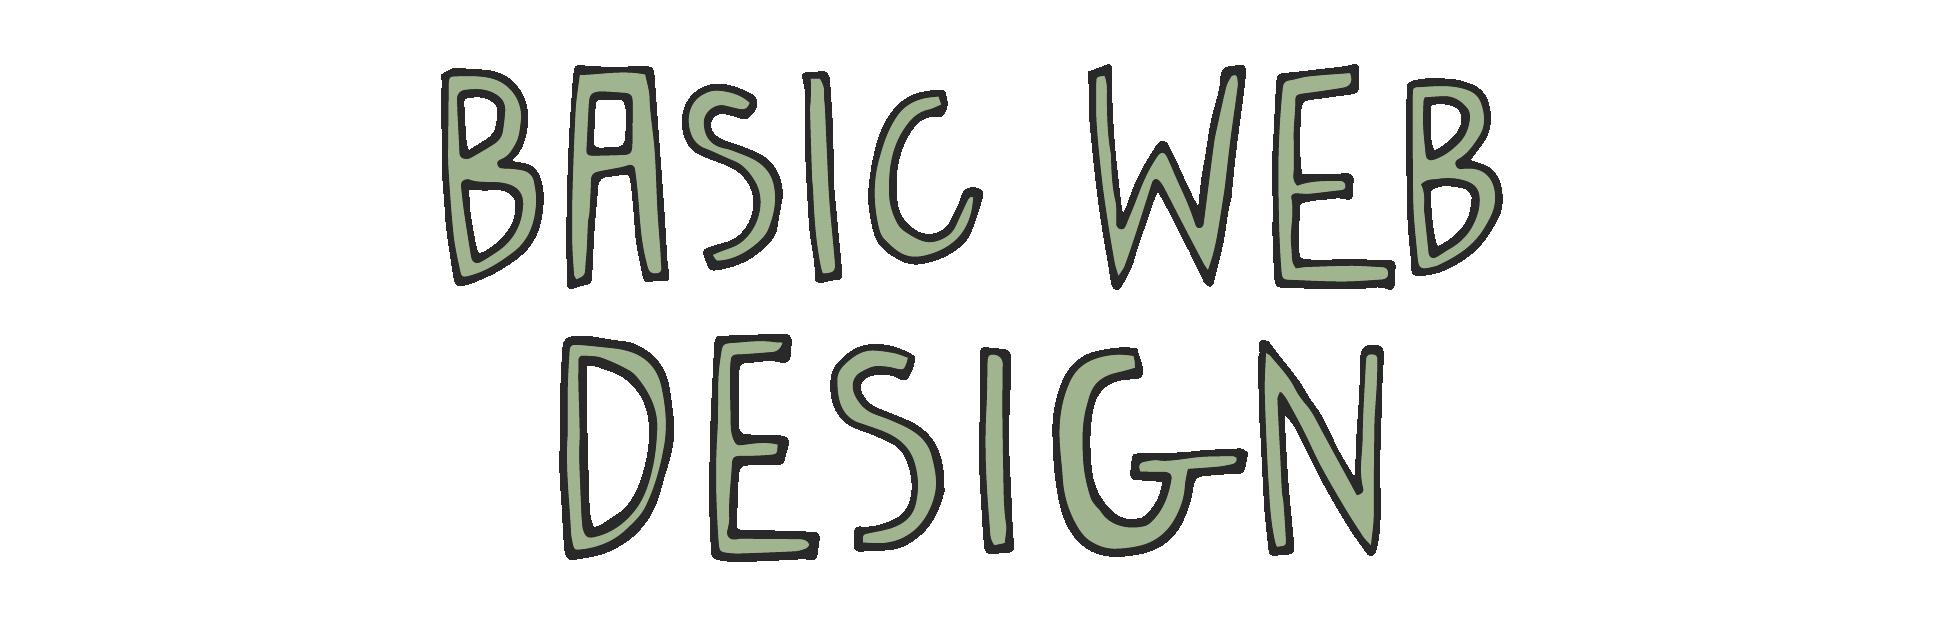 BASIC WEB DESIGN.png